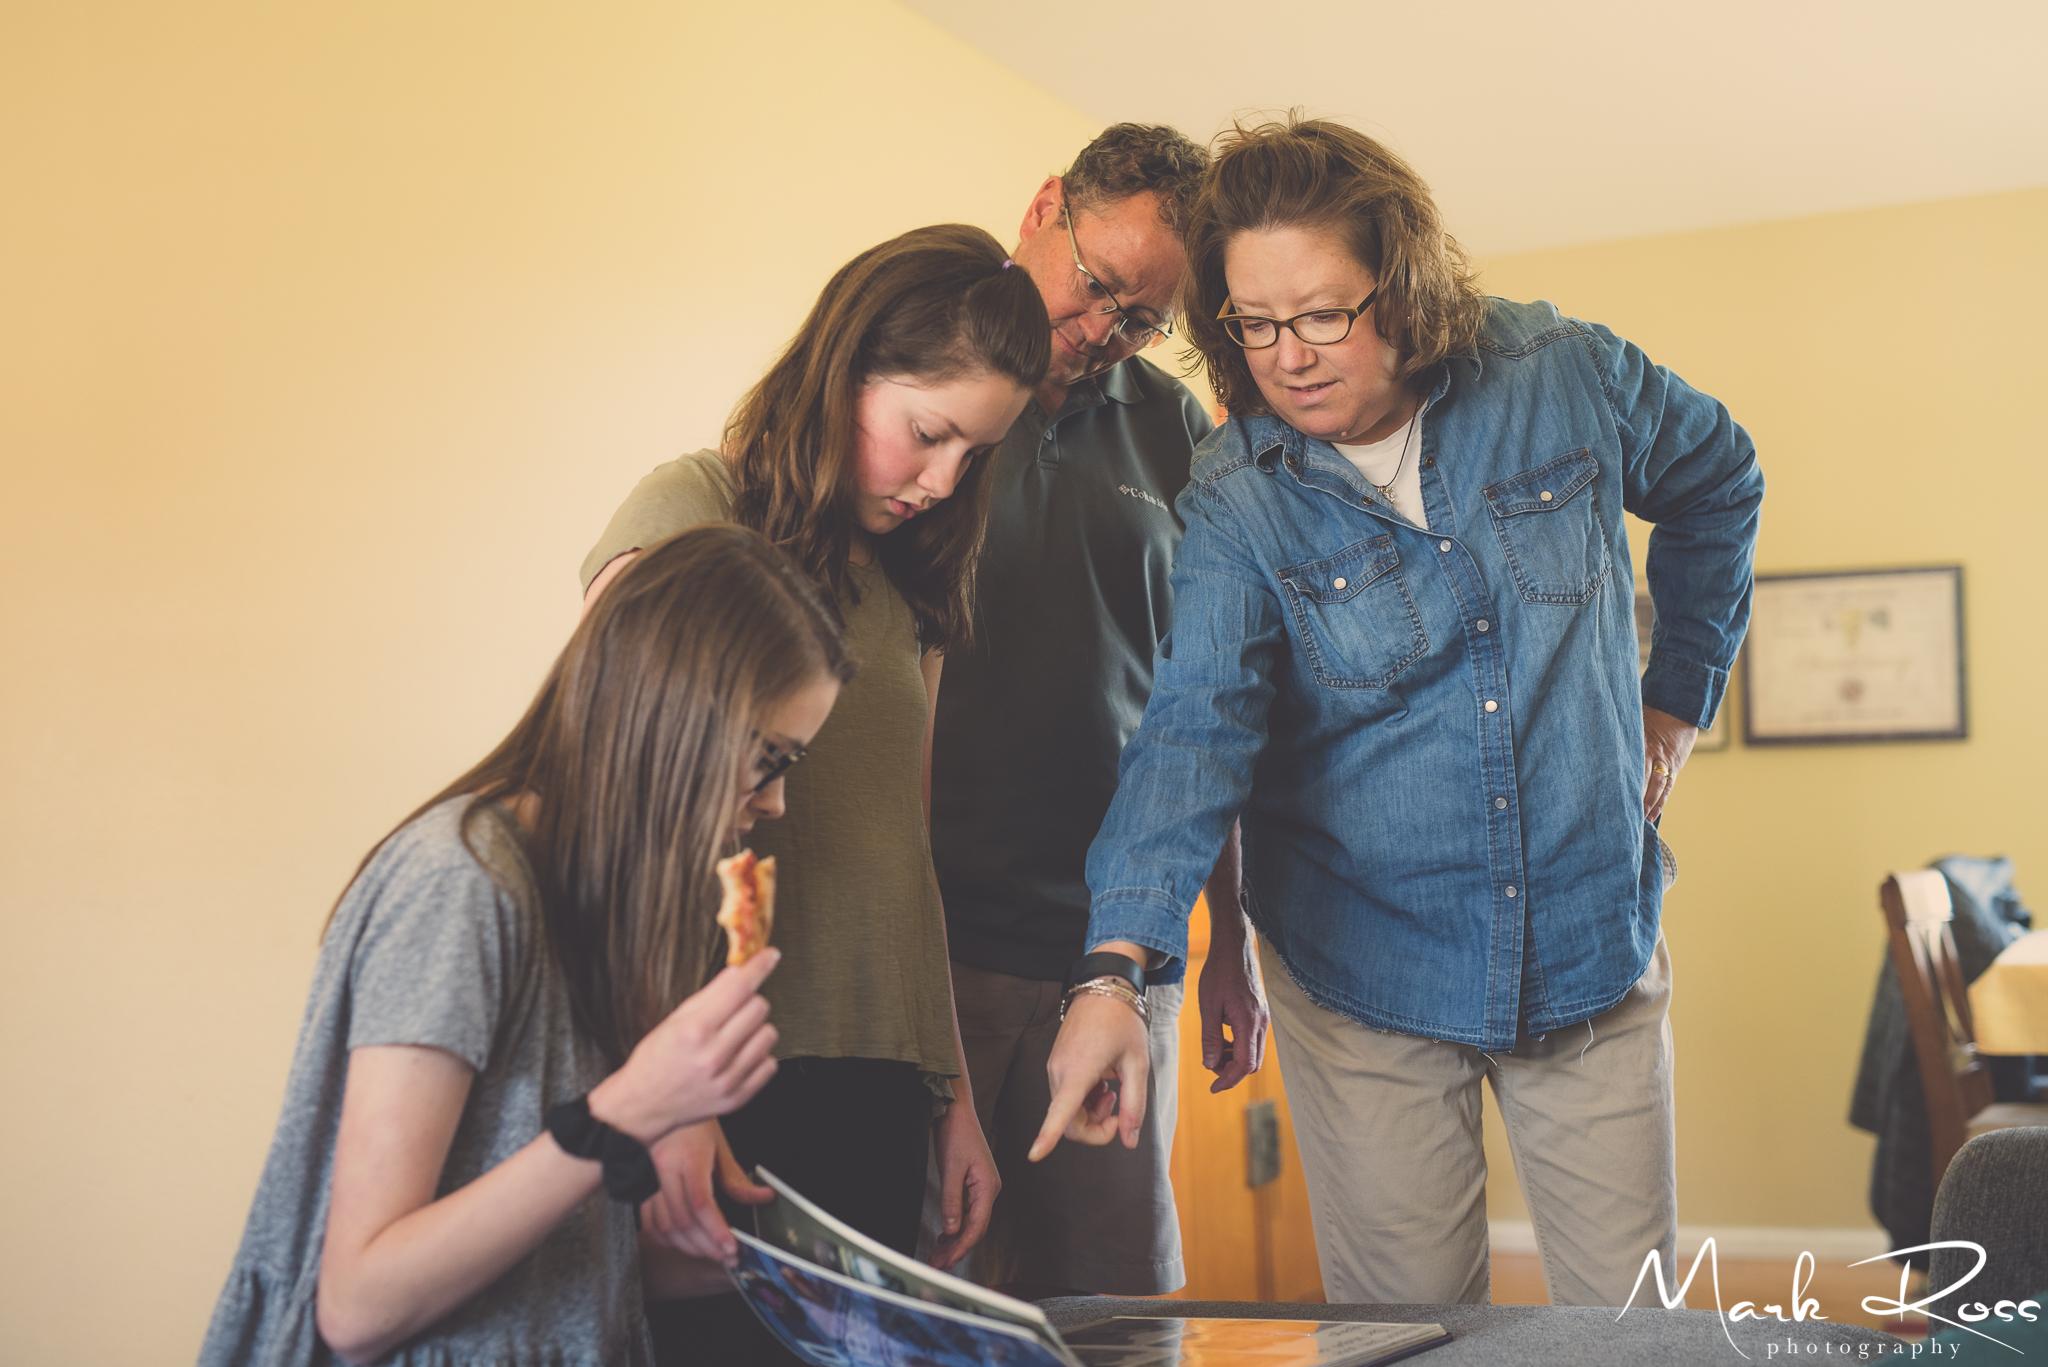 Denver-Family-Photographer-Mark-Ross-Photographer-Ahlstrand-Family-Watermarked-24.jpg